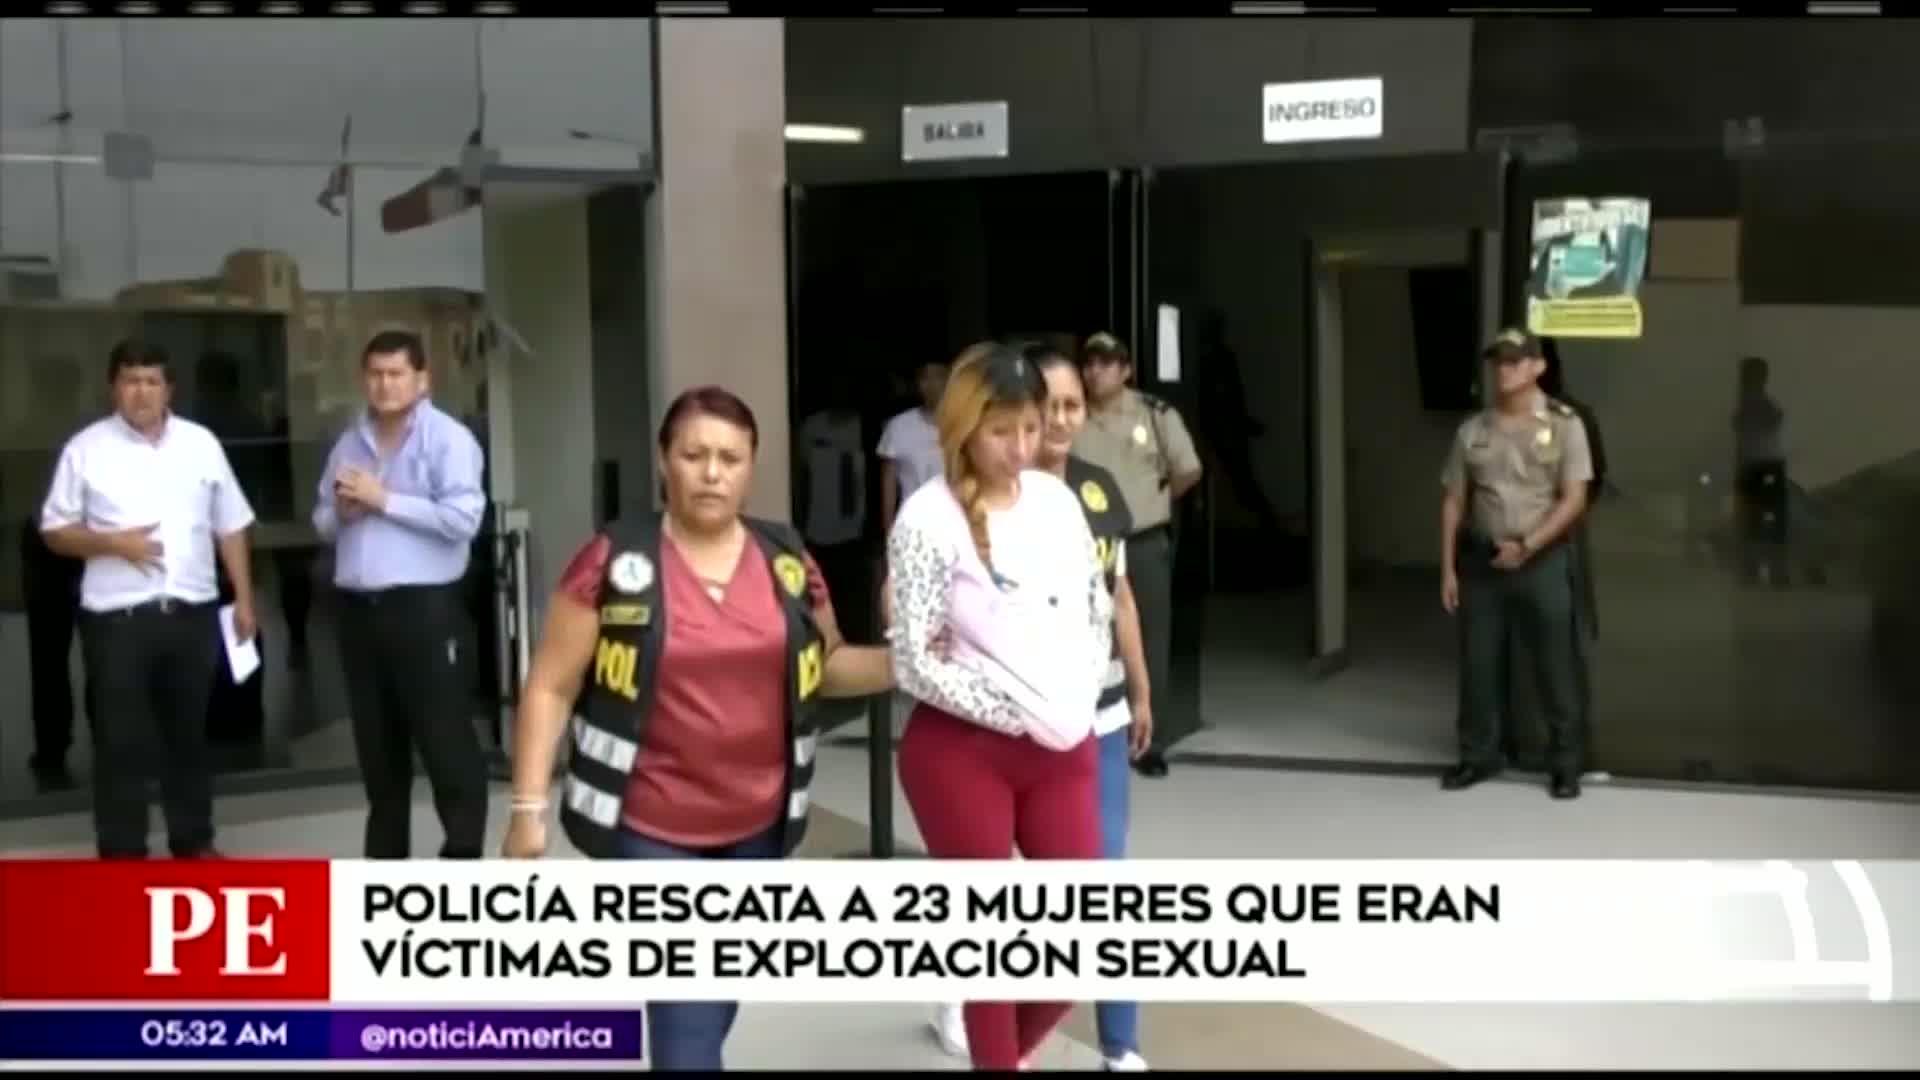 Policía Nacional rescata a 23 mujeres víctimas de explotación sexual